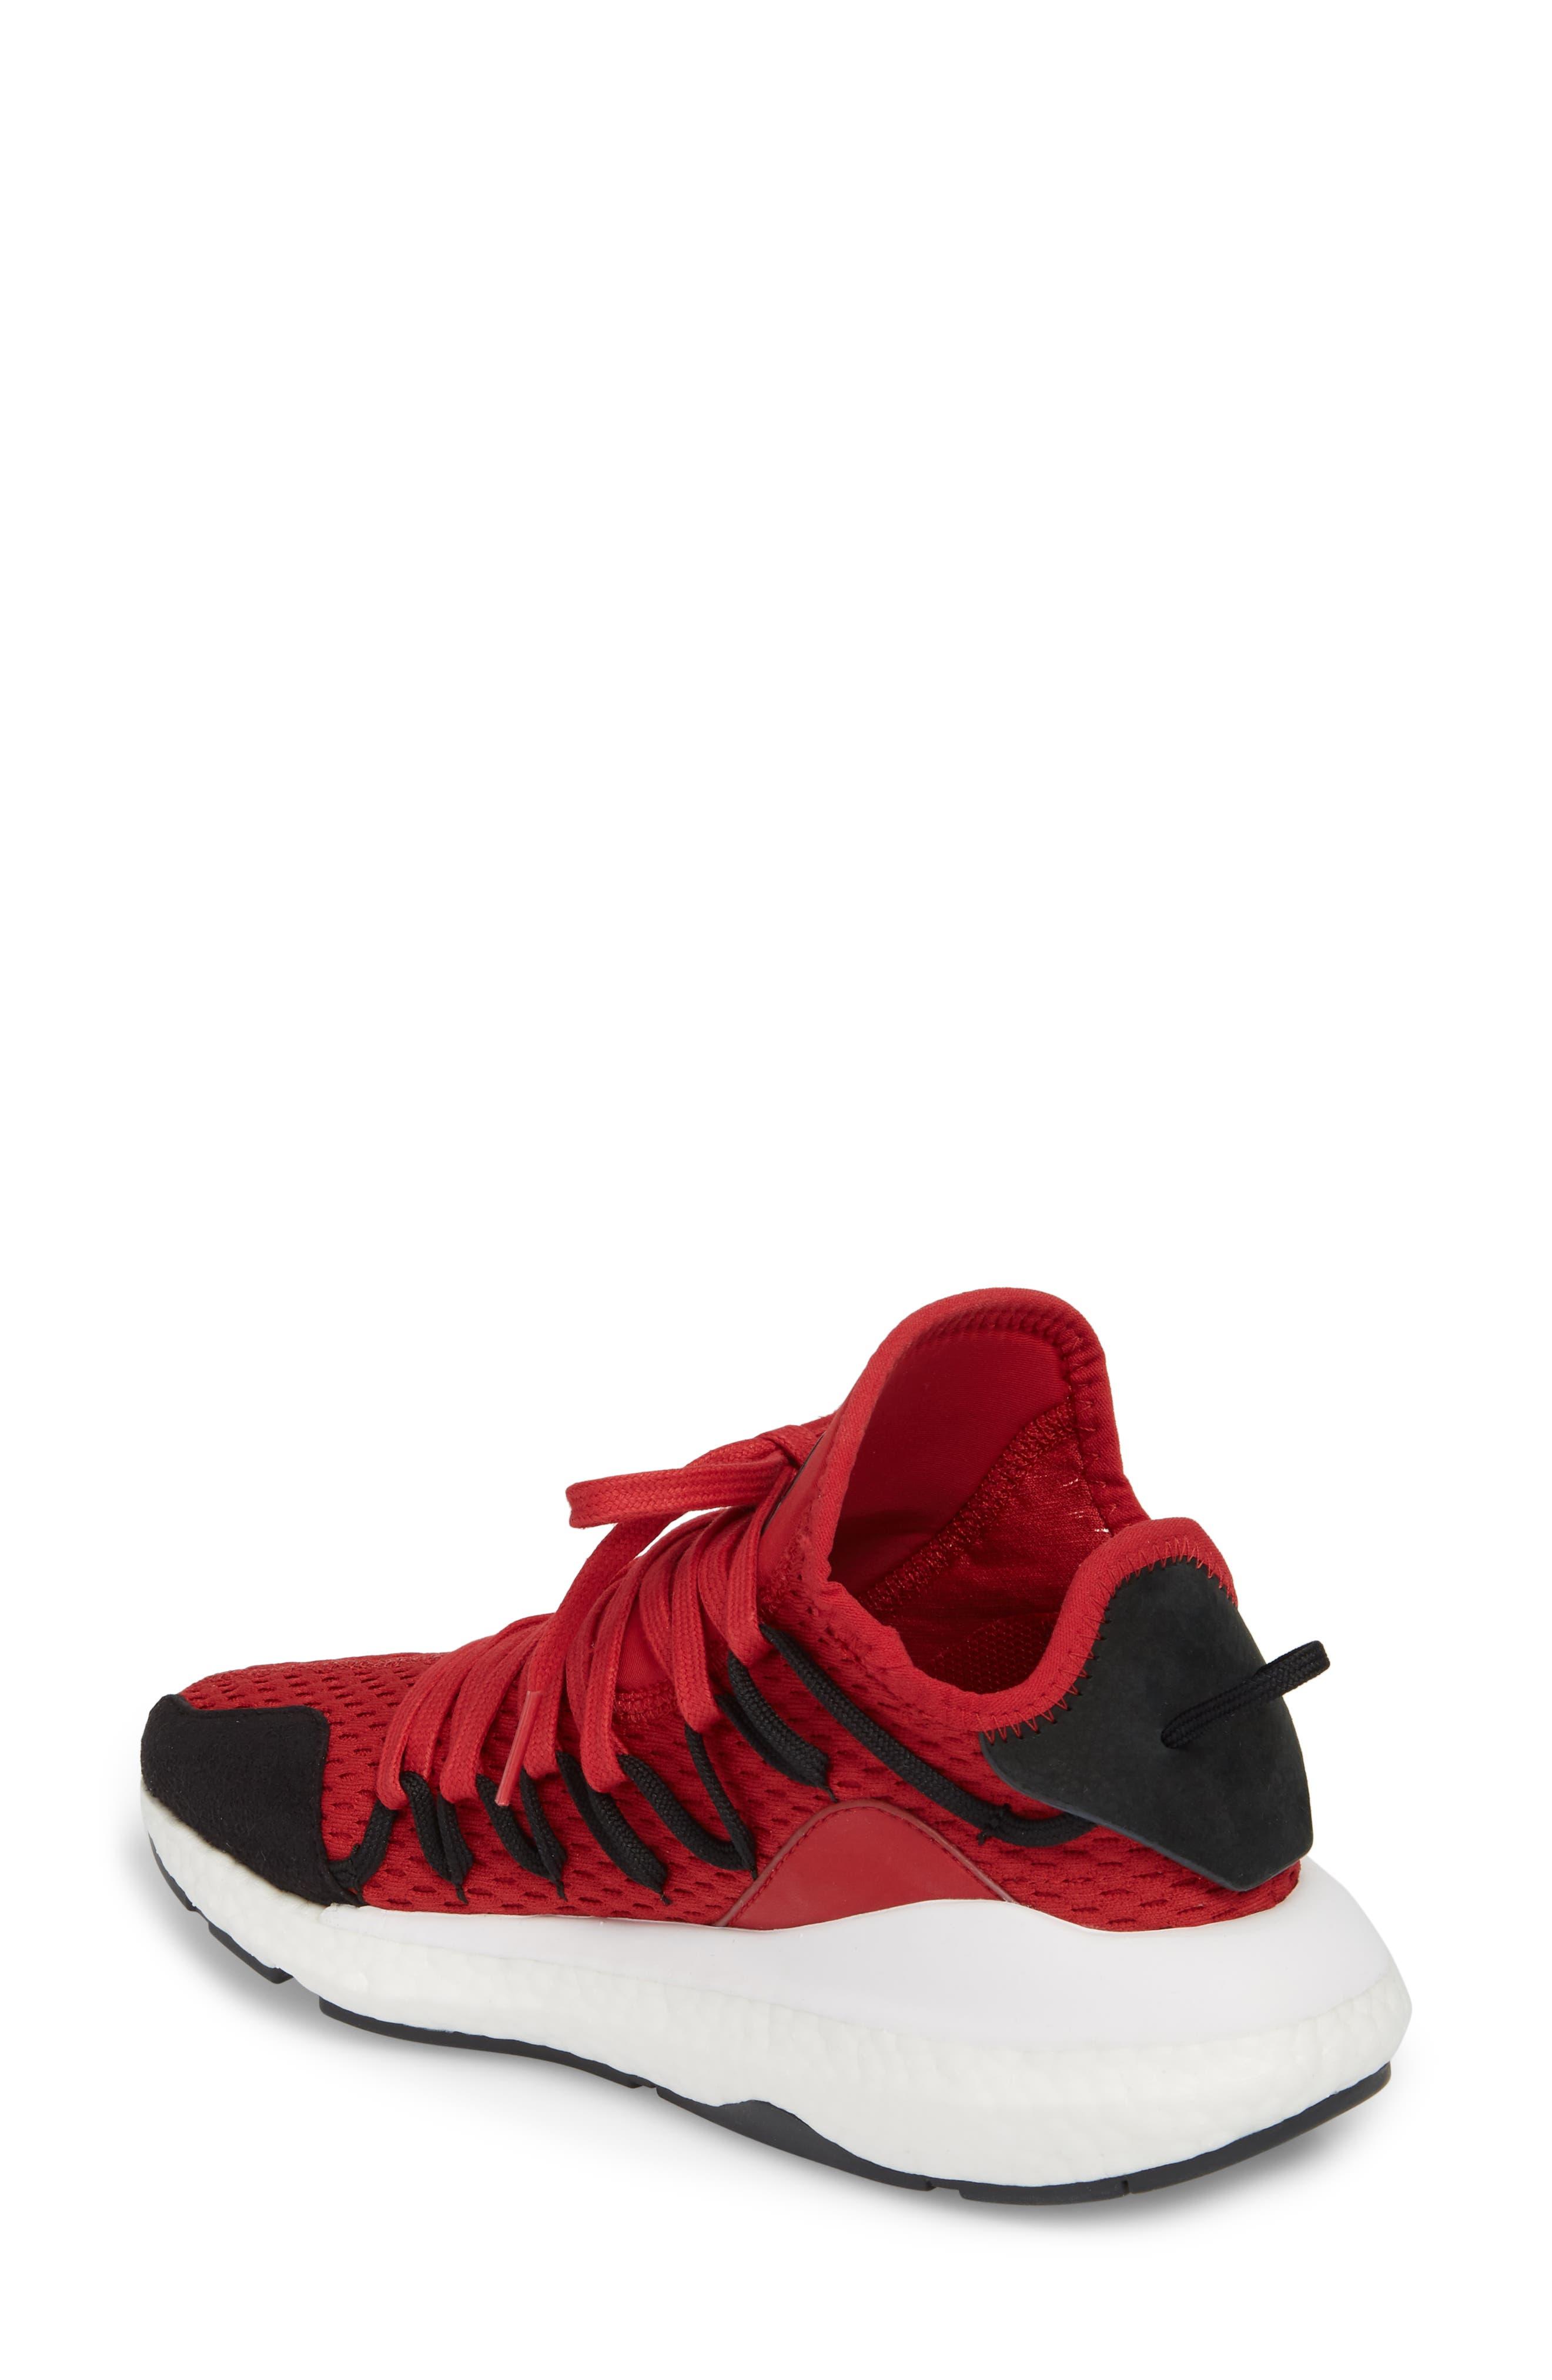 Kusari Sneaker,                             Alternate thumbnail 2, color,